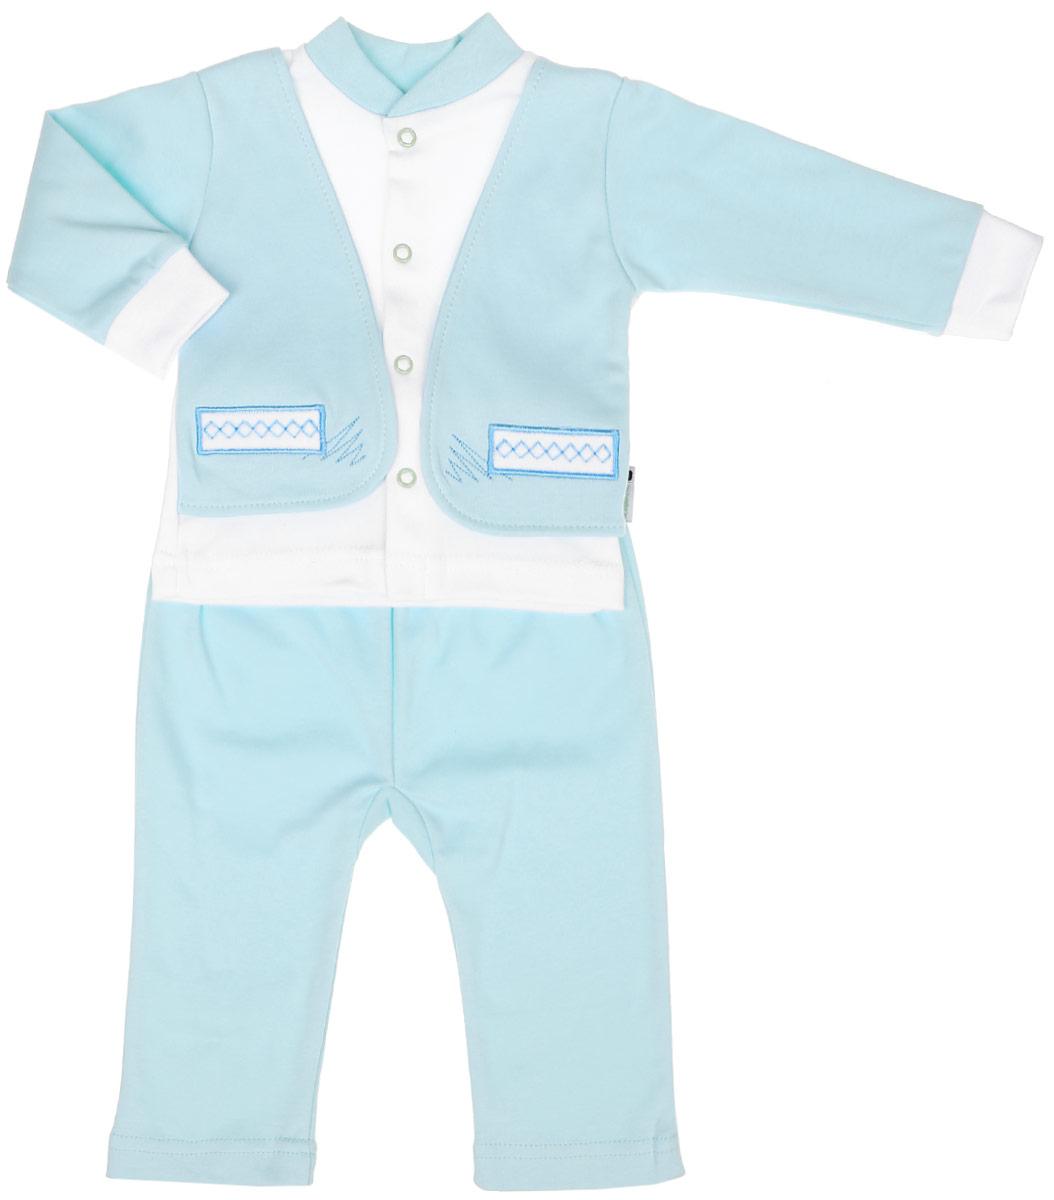 Комплект для мальчика Клякса: кофточка, штанишки, цвет: мятный, белый. 37к-2005. Размер 6237к-2005Комплект для мальчика Клякса, изготовленный из натурального хлопка, состоит из кофточки и штанишек. Кофточка с имитацией пиджака застегивается спереди на кнопки. Модель с длинными рукавами имеет круглый вырез горловины, дополненный мягкой трикотажной резинкой. На рукавах предусмотрены эластичные манжеты. Кофточка украшена вышивкой. Штанишки с завышенной линией талии имеют мягкий эластичный пояс.